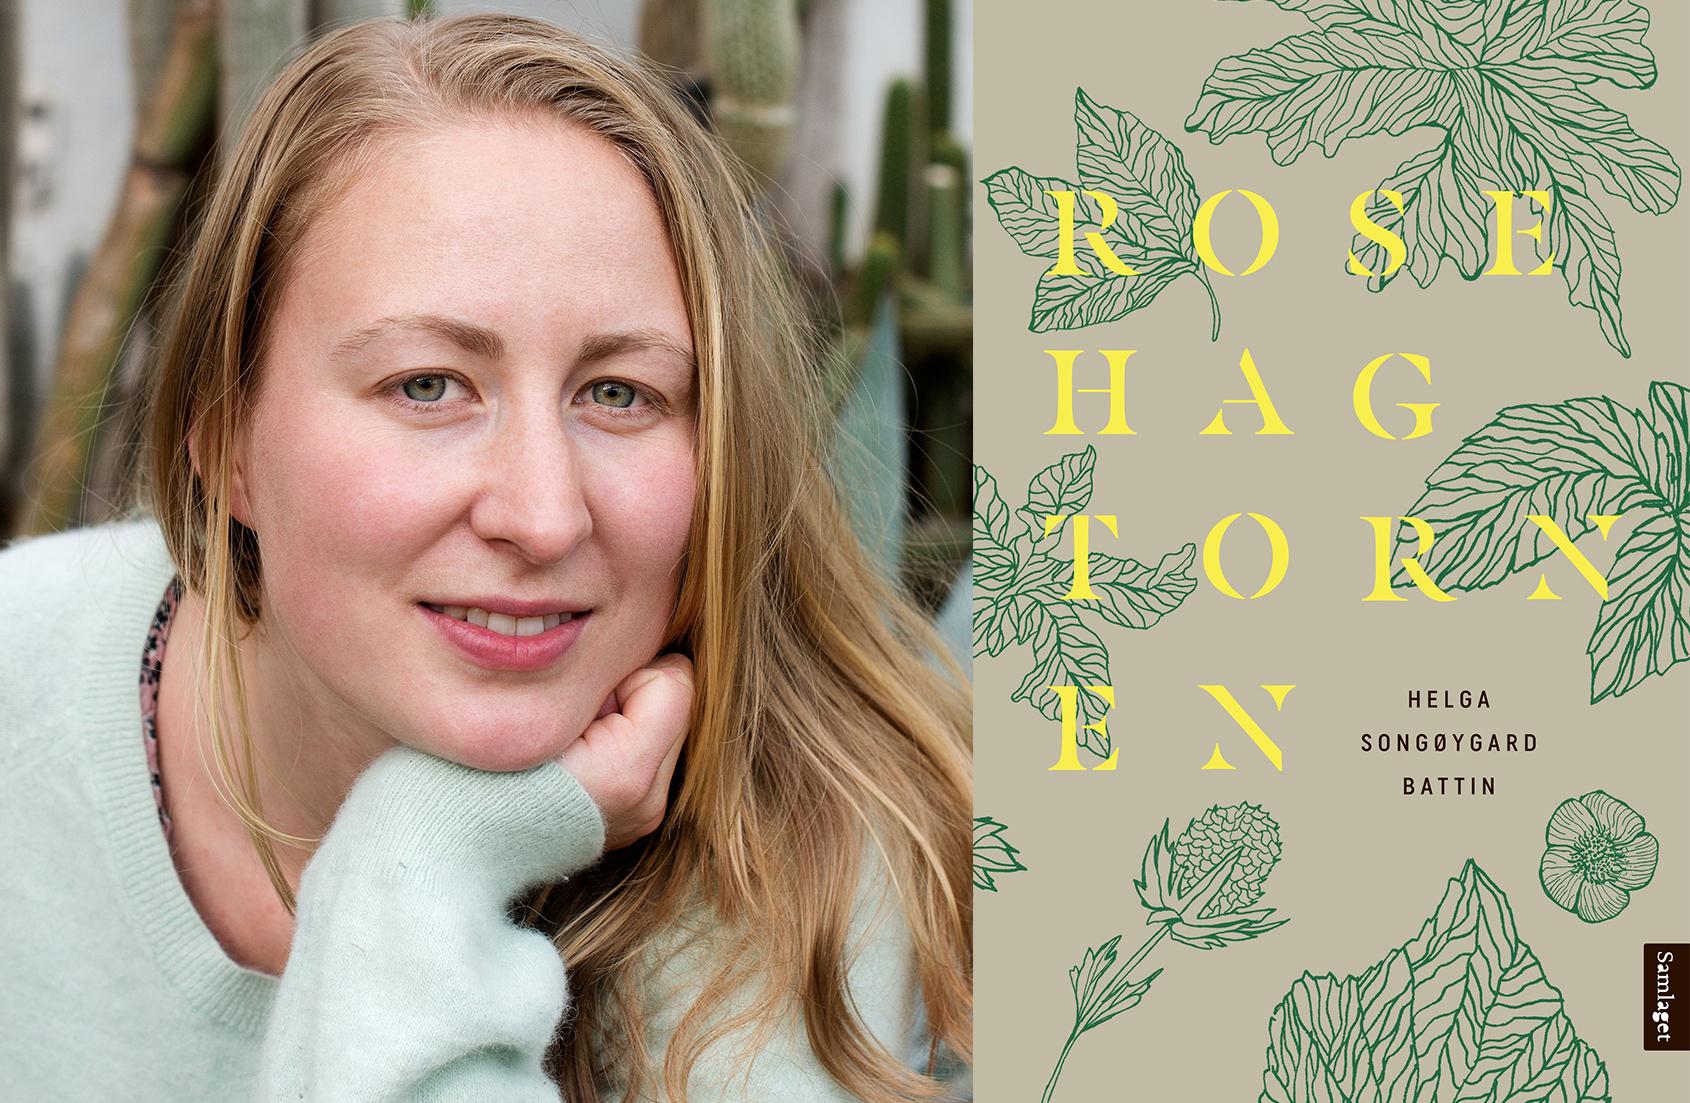 Omslag for boka Bokmelding: «Rosehagtornen» av Helga Songøygard Battin